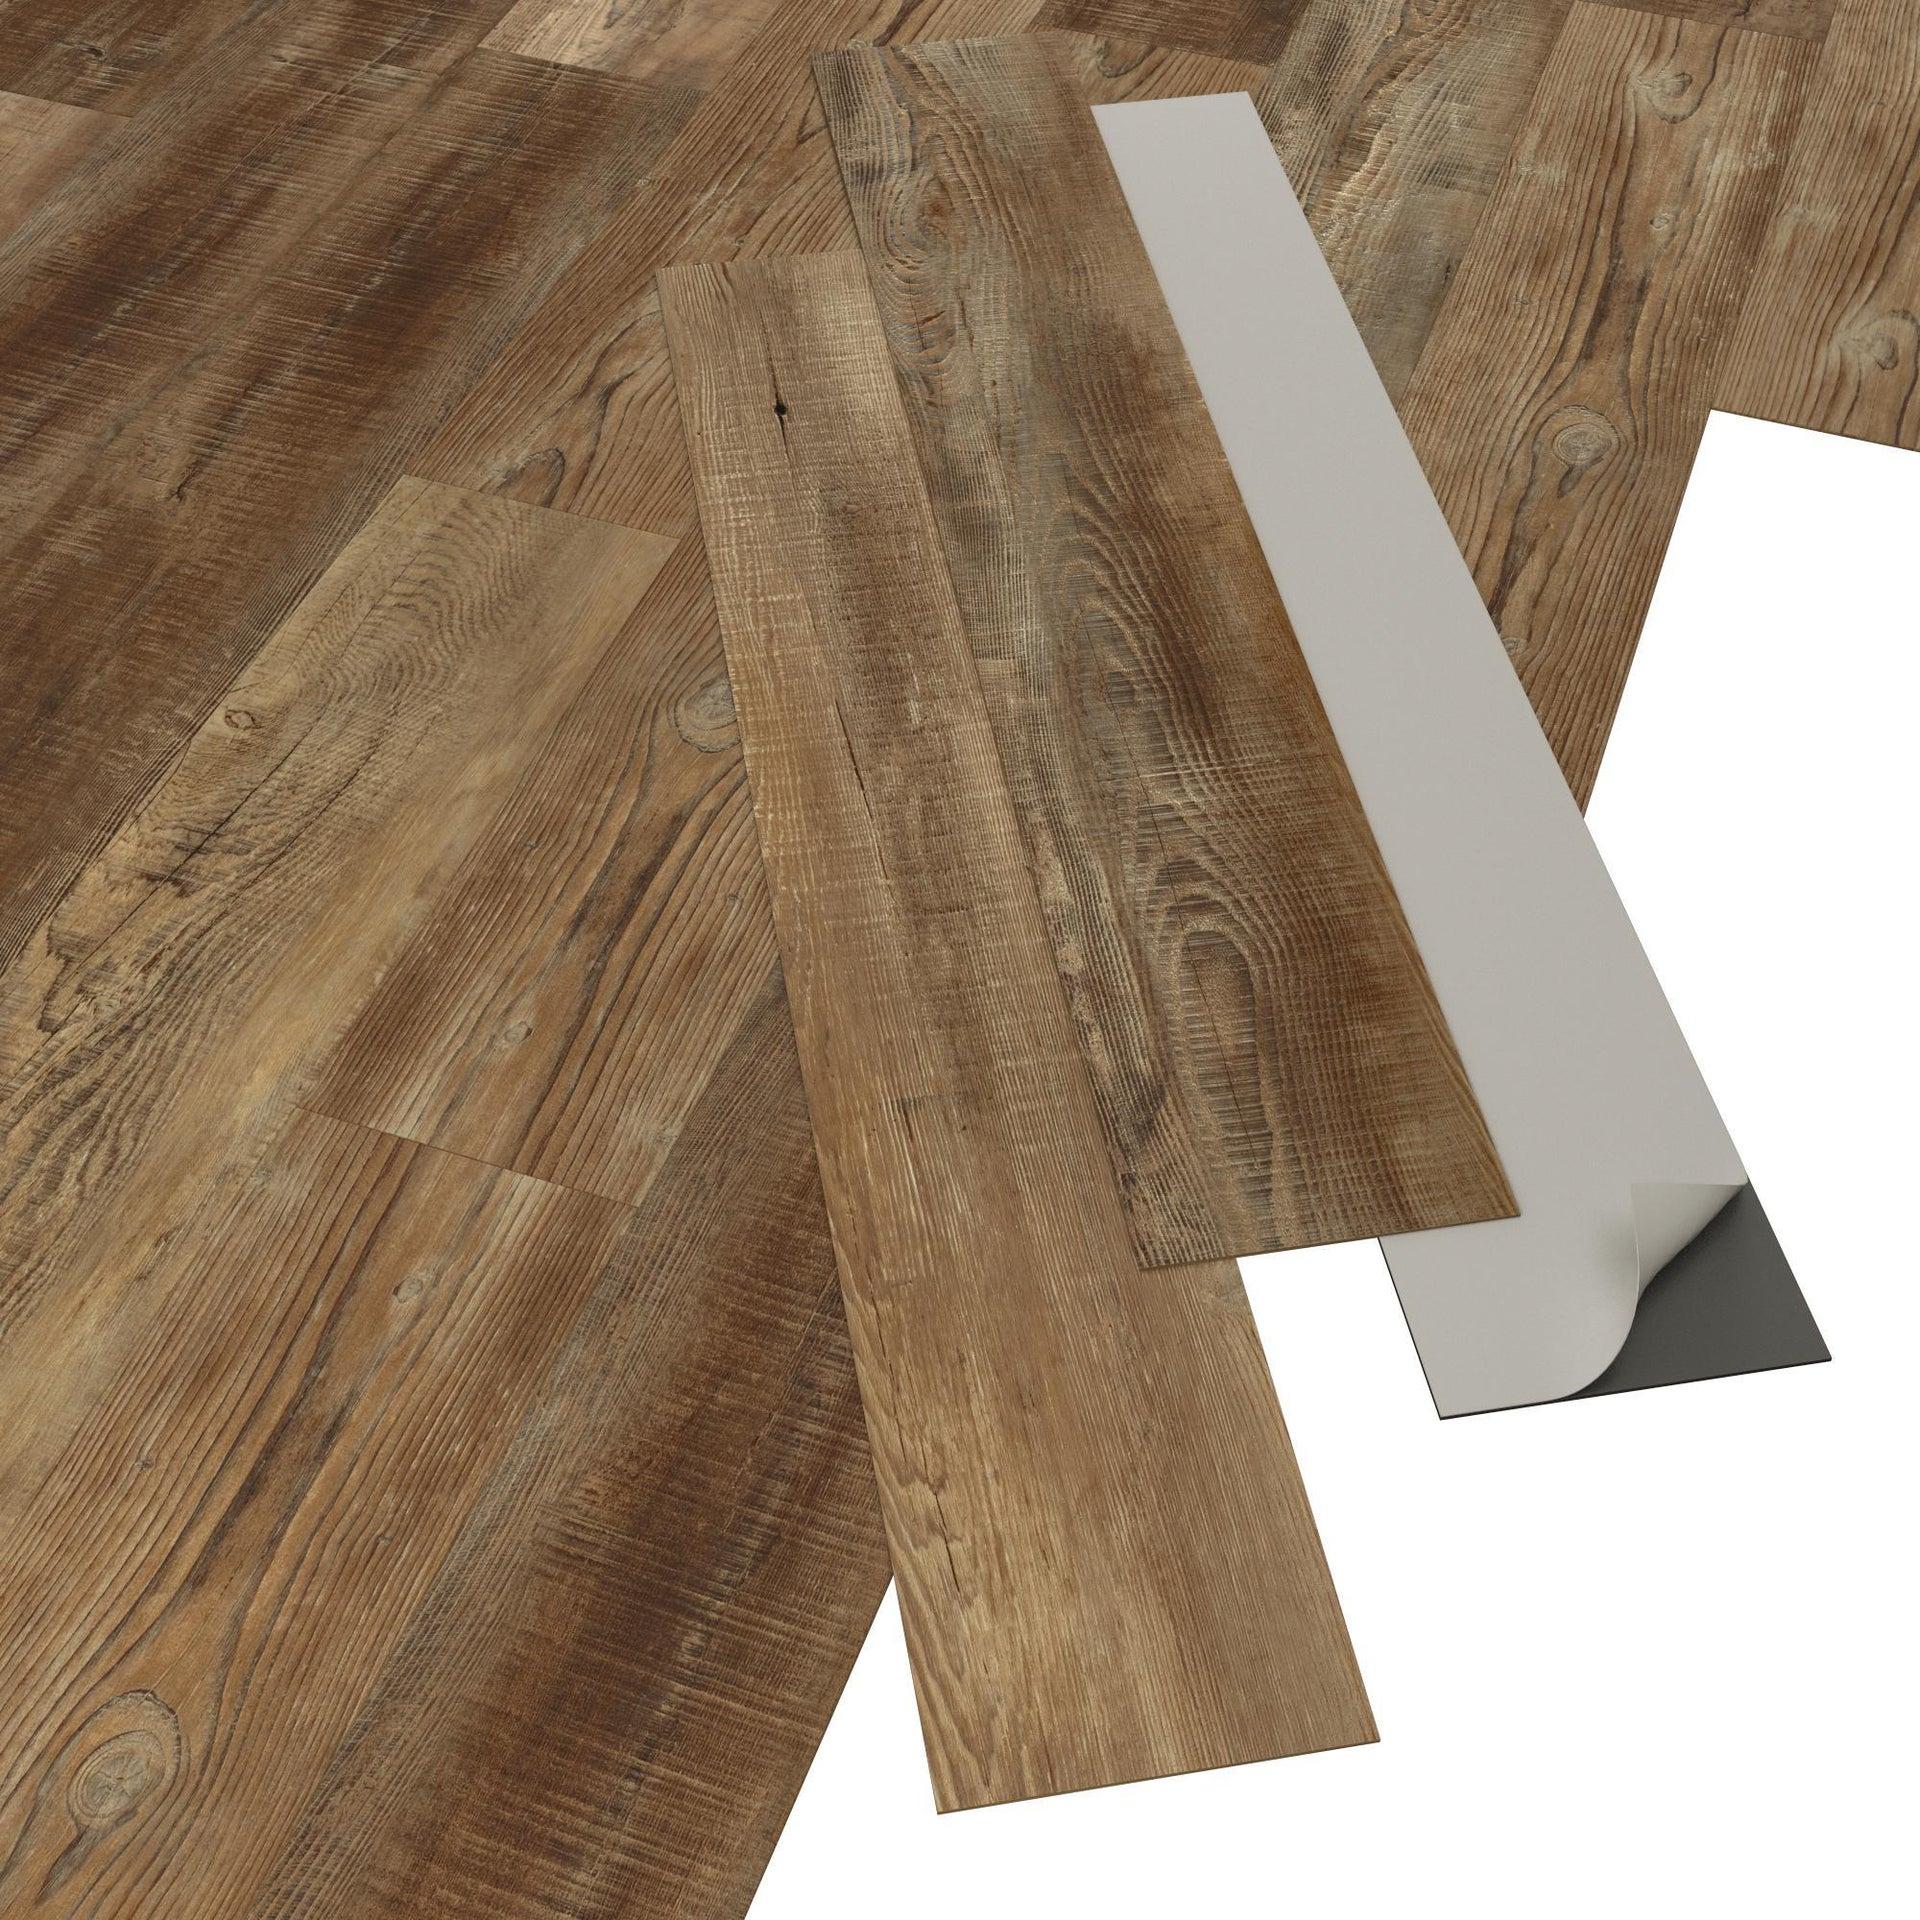 Pavimento PVC adesivo Tobacco Sp 2 mm marrone - 3